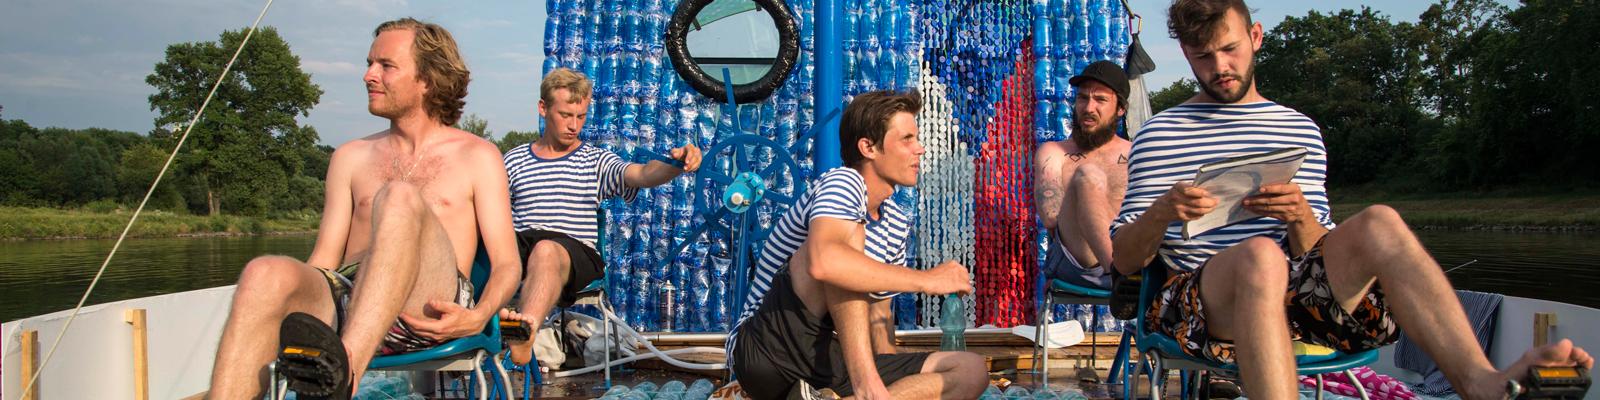 """Fünf junge Tschechen sitzen am 16.07.2014 auf ihrem Boot aus 4000 Plastikflaschen. Auf ihrem Boot """"Petburg"""" wollen sie auf der Elbe nach Hamburg fahren."""